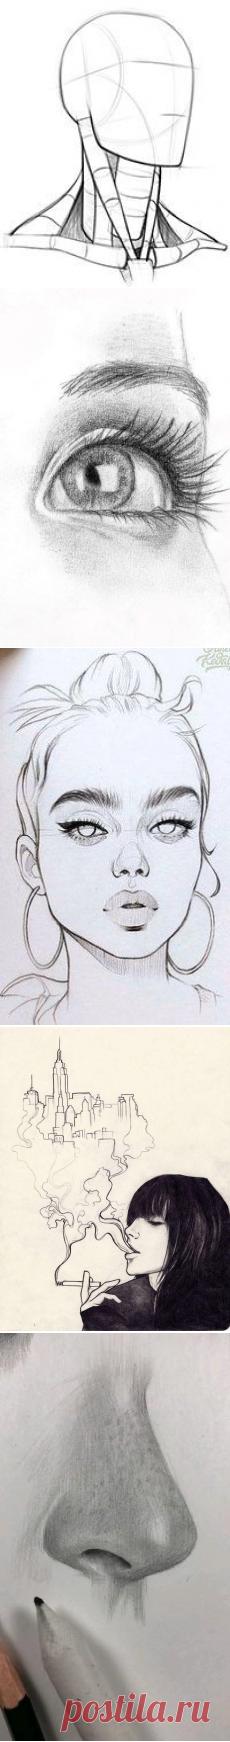 (785) Pinterest